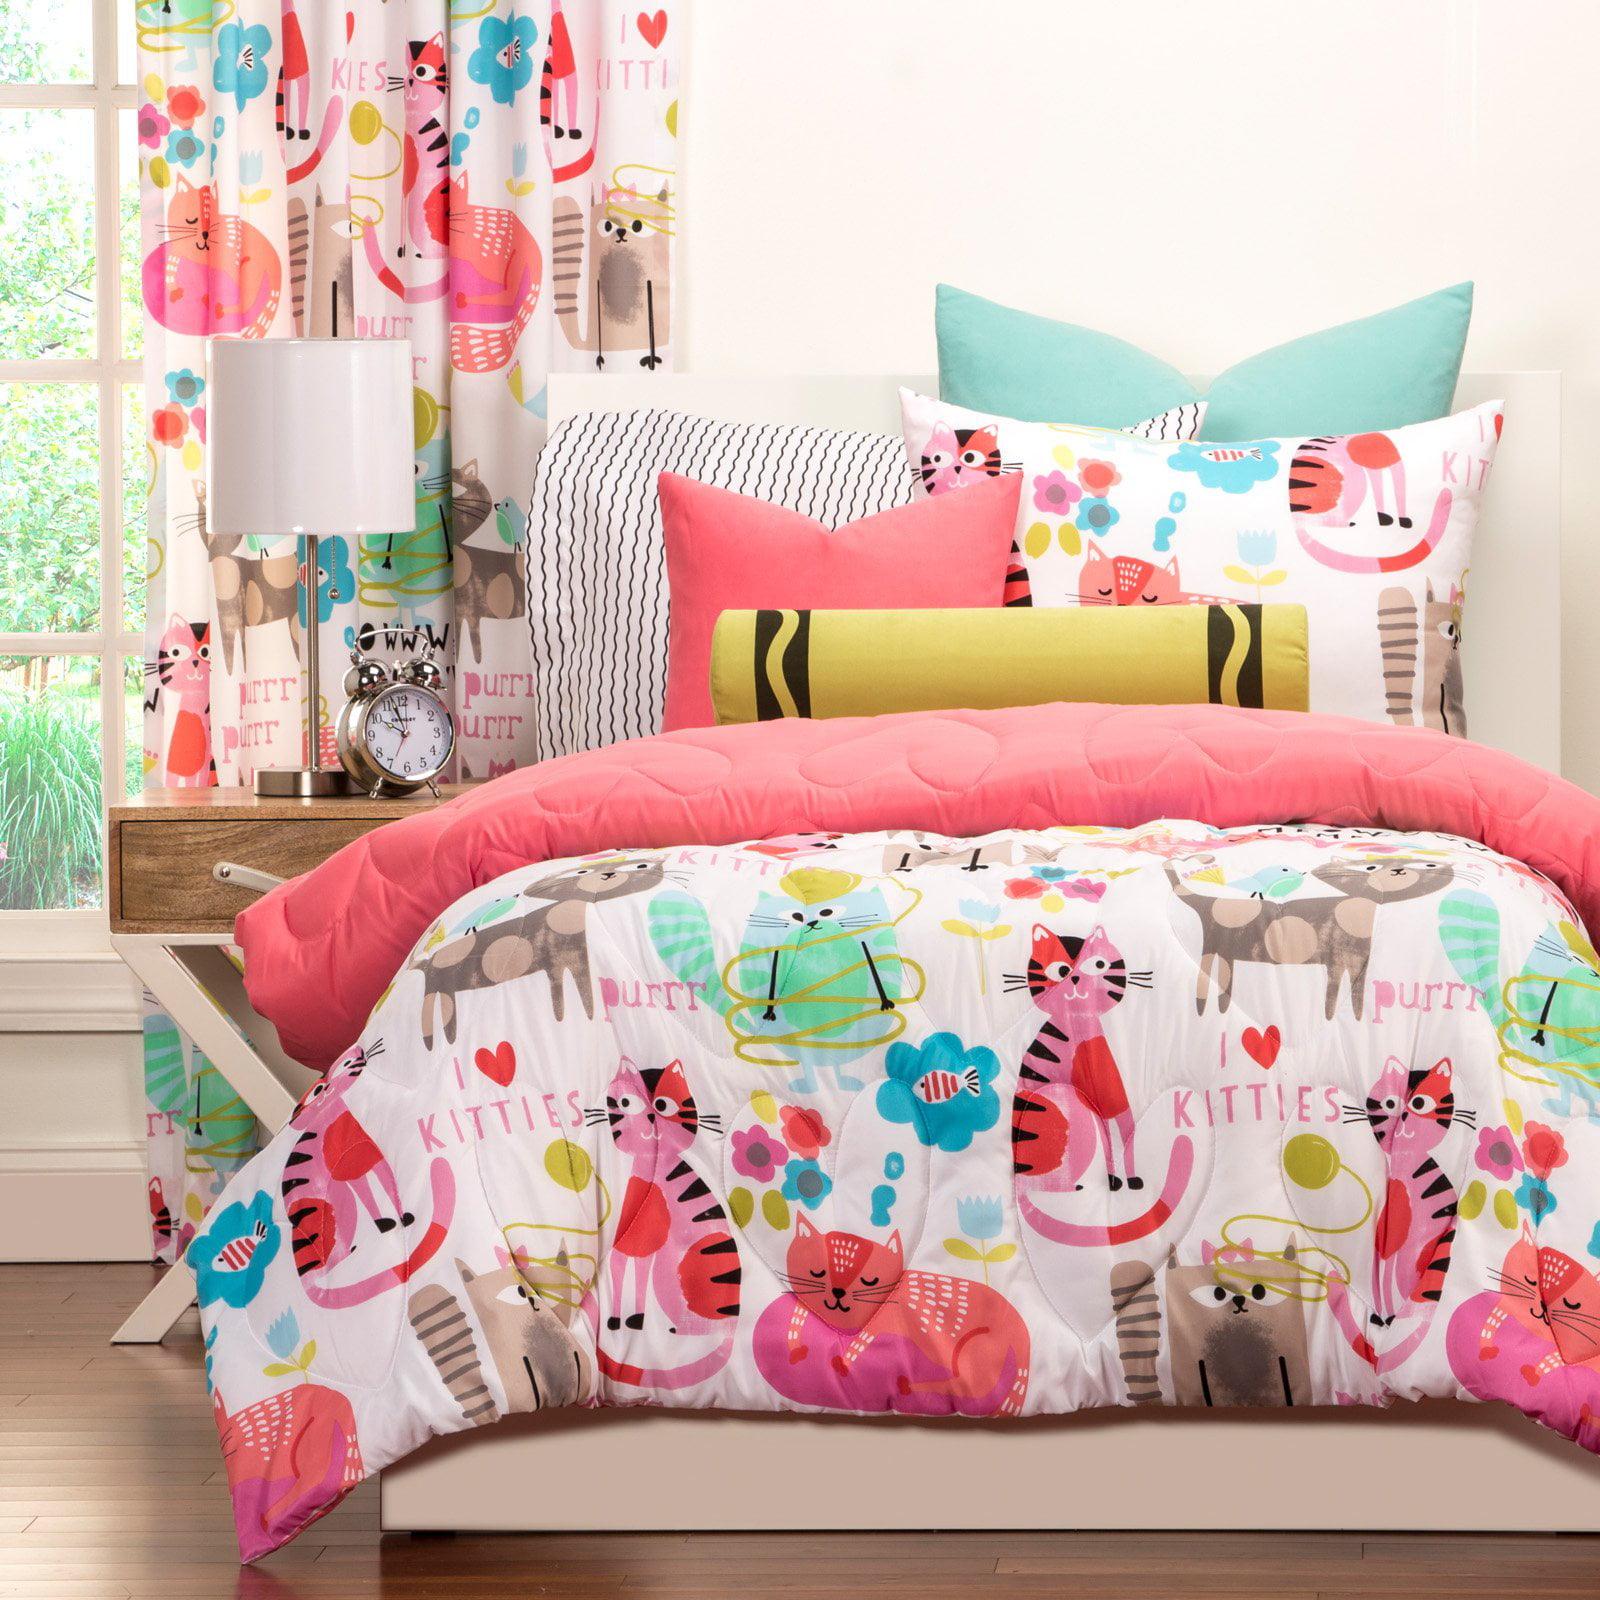 Crayola Purrty CatTwin Comforter Set